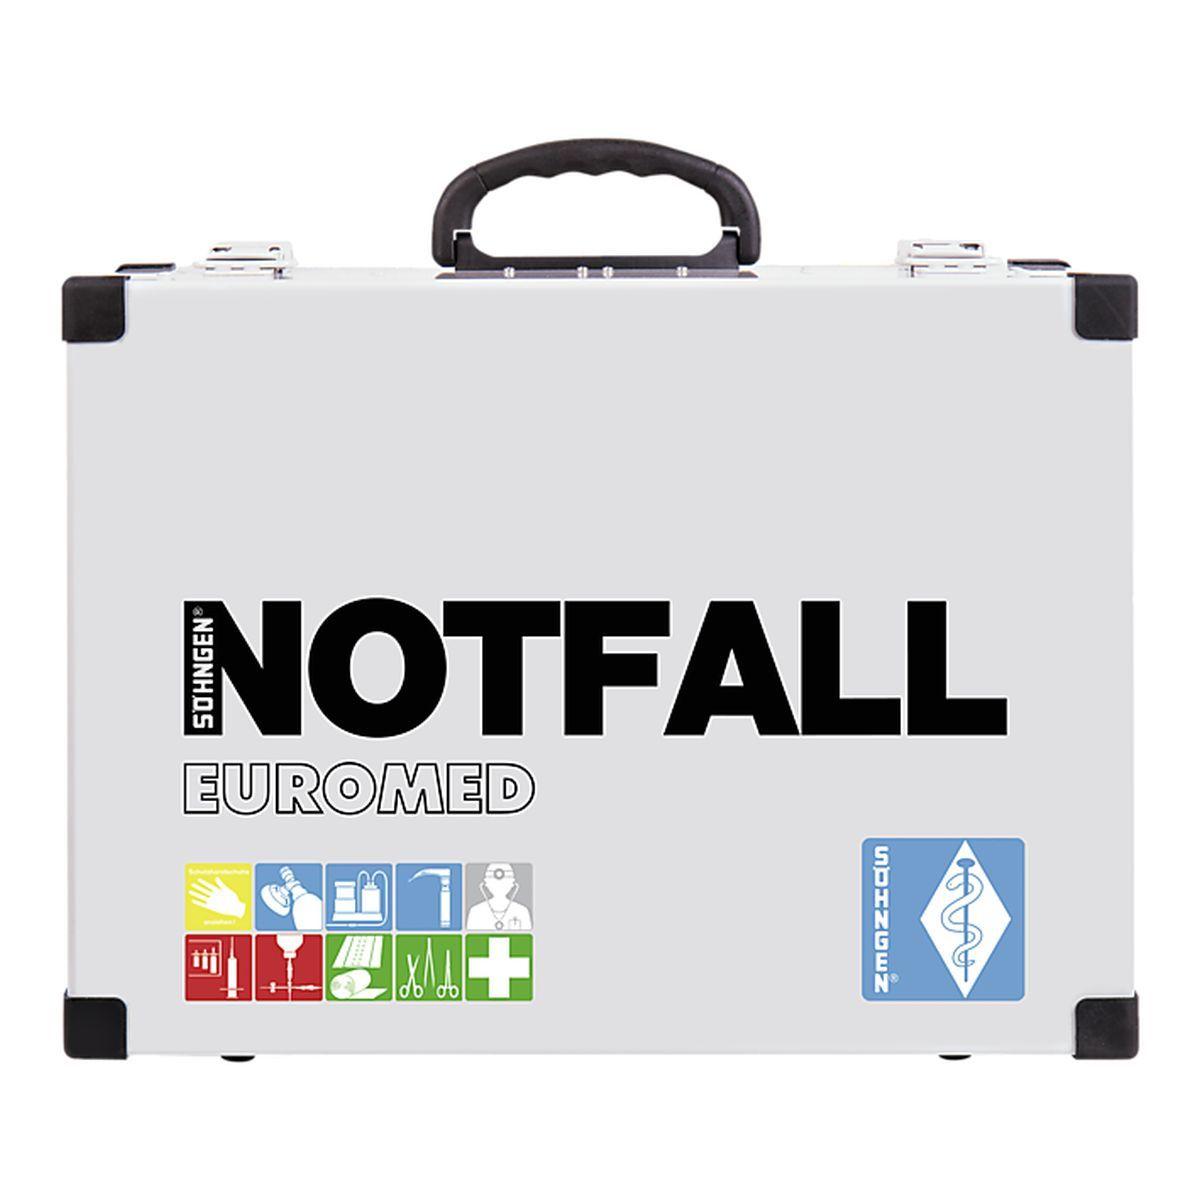 Notfallkoffer EUROMED Modul A + B